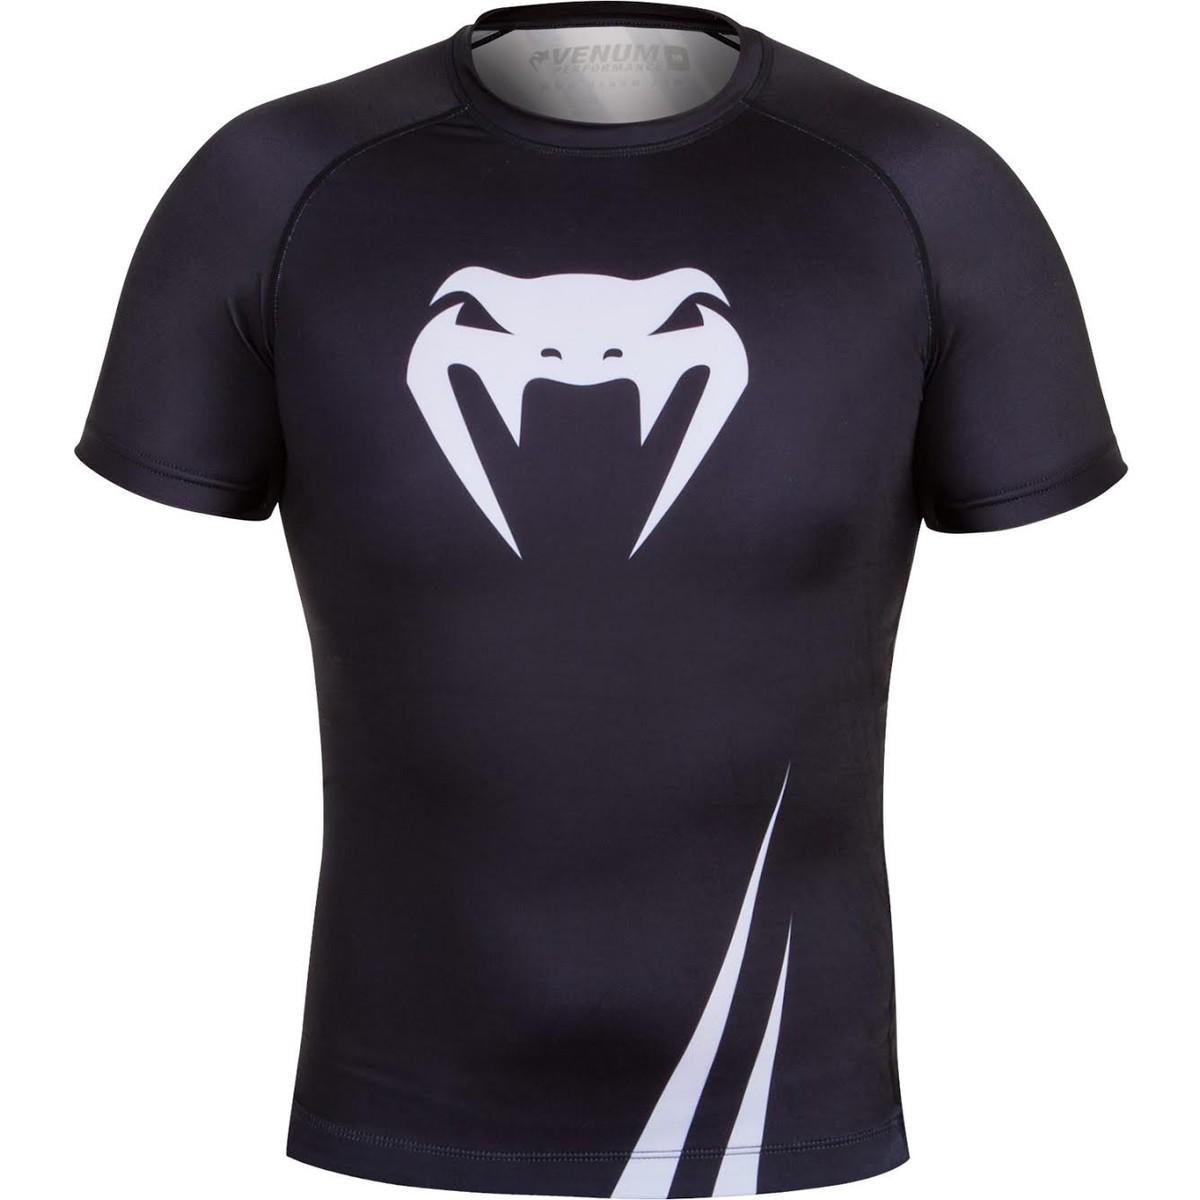 tričko pánské (termo) VENUM - Challenger Rashguard - Black/White - 2026